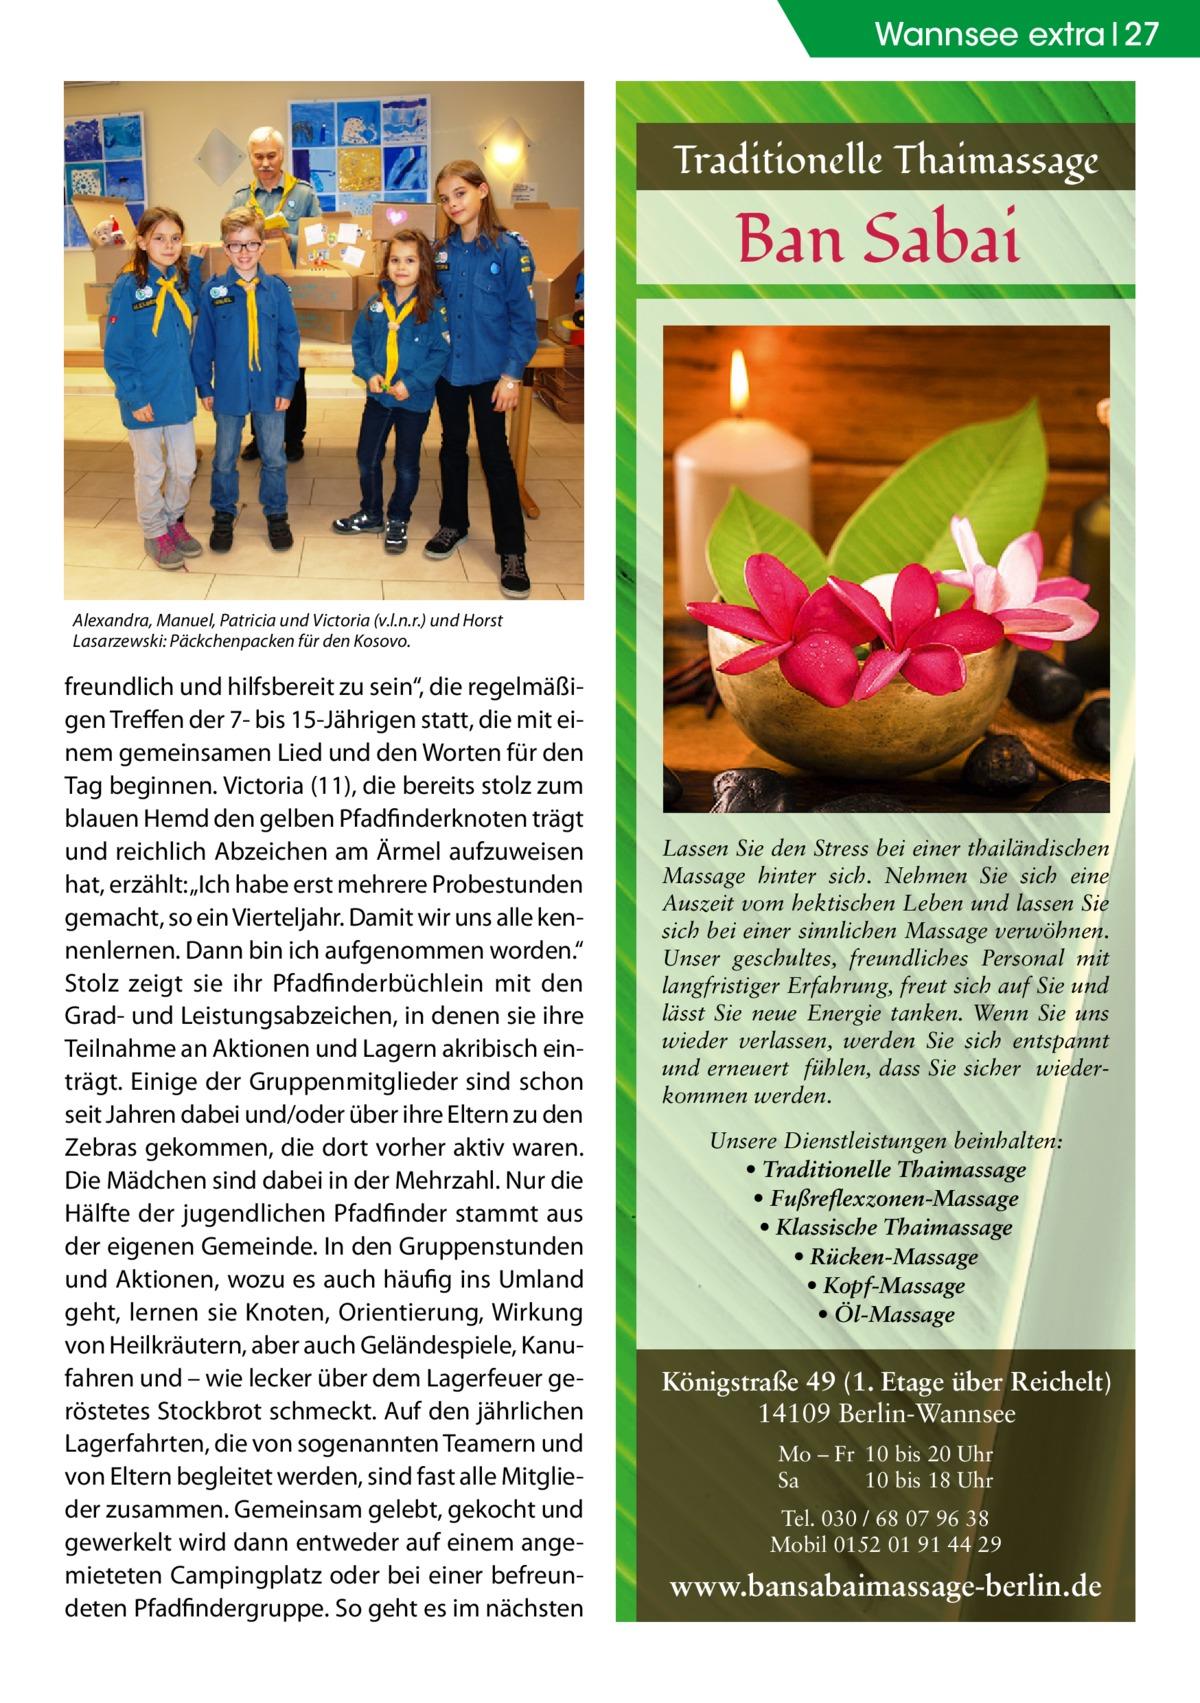 """Wannsee extra 27  Traditionelle Thaimassage  Ban Sabai  Alexandra, Manuel, Patricia und Victoria (v.l.n.r.) und Horst Lasarzewski: Päckchenpacken für den Kosovo.  freundlich und hilfsbereit zu sein"""", die regelmäßigen Treffen der 7- bis 15-Jährigen statt, die mit einem gemeinsamen Lied und den Worten für den Tag beginnen. Victoria (11), die bereits stolz zum blauen Hemd den gelben Pfadfinderknoten trägt und reichlich Abzeichen am Ärmel aufzuweisen hat, erzählt: """"Ich habe erst mehrere Probestunden gemacht, so ein Vierteljahr. Damit wir uns alle kennenlernen. Dann bin ich aufgenommen worden."""" Stolz zeigt sie ihr Pfadfinderbüchlein mit den Grad- und Leistungsabzeichen, in denen sie ihre Teilnahme an Aktionen und Lagern akribisch einträgt. Einige der Gruppenmitglieder sind schon seit Jahren dabei und/oder über ihre Eltern zu den Zebras gekommen, die dort vorher aktiv waren. Die Mädchen sind dabei in der Mehrzahl. Nur die Hälfte der jugendlichen Pfadfinder stammt aus der eigenen Gemeinde. In den Gruppenstunden und Aktionen, wozu es auch häufig ins Umland geht, lernen sie Knoten, Orientierung, Wirkung von Heilkräutern, aber auch Geländespiele, Kanufahren und – wie lecker über dem Lagerfeuer geröstetes Stockbrot schmeckt. Auf den jährlichen Lagerfahrten, die von sogenannten Teamern und von Eltern begleitet werden, sind fast alle Mitglieder zusammen. Gemeinsam gelebt, gekocht und gewerkelt wird dann entweder auf einem angemieteten Campingplatz oder bei einer befreundeten Pfadfindergruppe. So geht es im nächsten  Lassen Sie den Stress bei einer thailändischen Massage hinter sich. Nehmen Sie sich eine Auszeit vom hektischen Leben und lassen Sie sich bei einer sinnlichen Massage verwöhnen. Unser geschultes, freundliches Personal mit langfristiger Erfahrung, freut sich auf Sie und lässt Sie neue Energie tanken. Wenn Sie uns wieder verlassen, werden Sie sich entspannt und erneuert fühlen, dass Sie sicher wiederkommen werden. Unsere Dienstleistungen beinhalten: • Traditionelle Tha"""